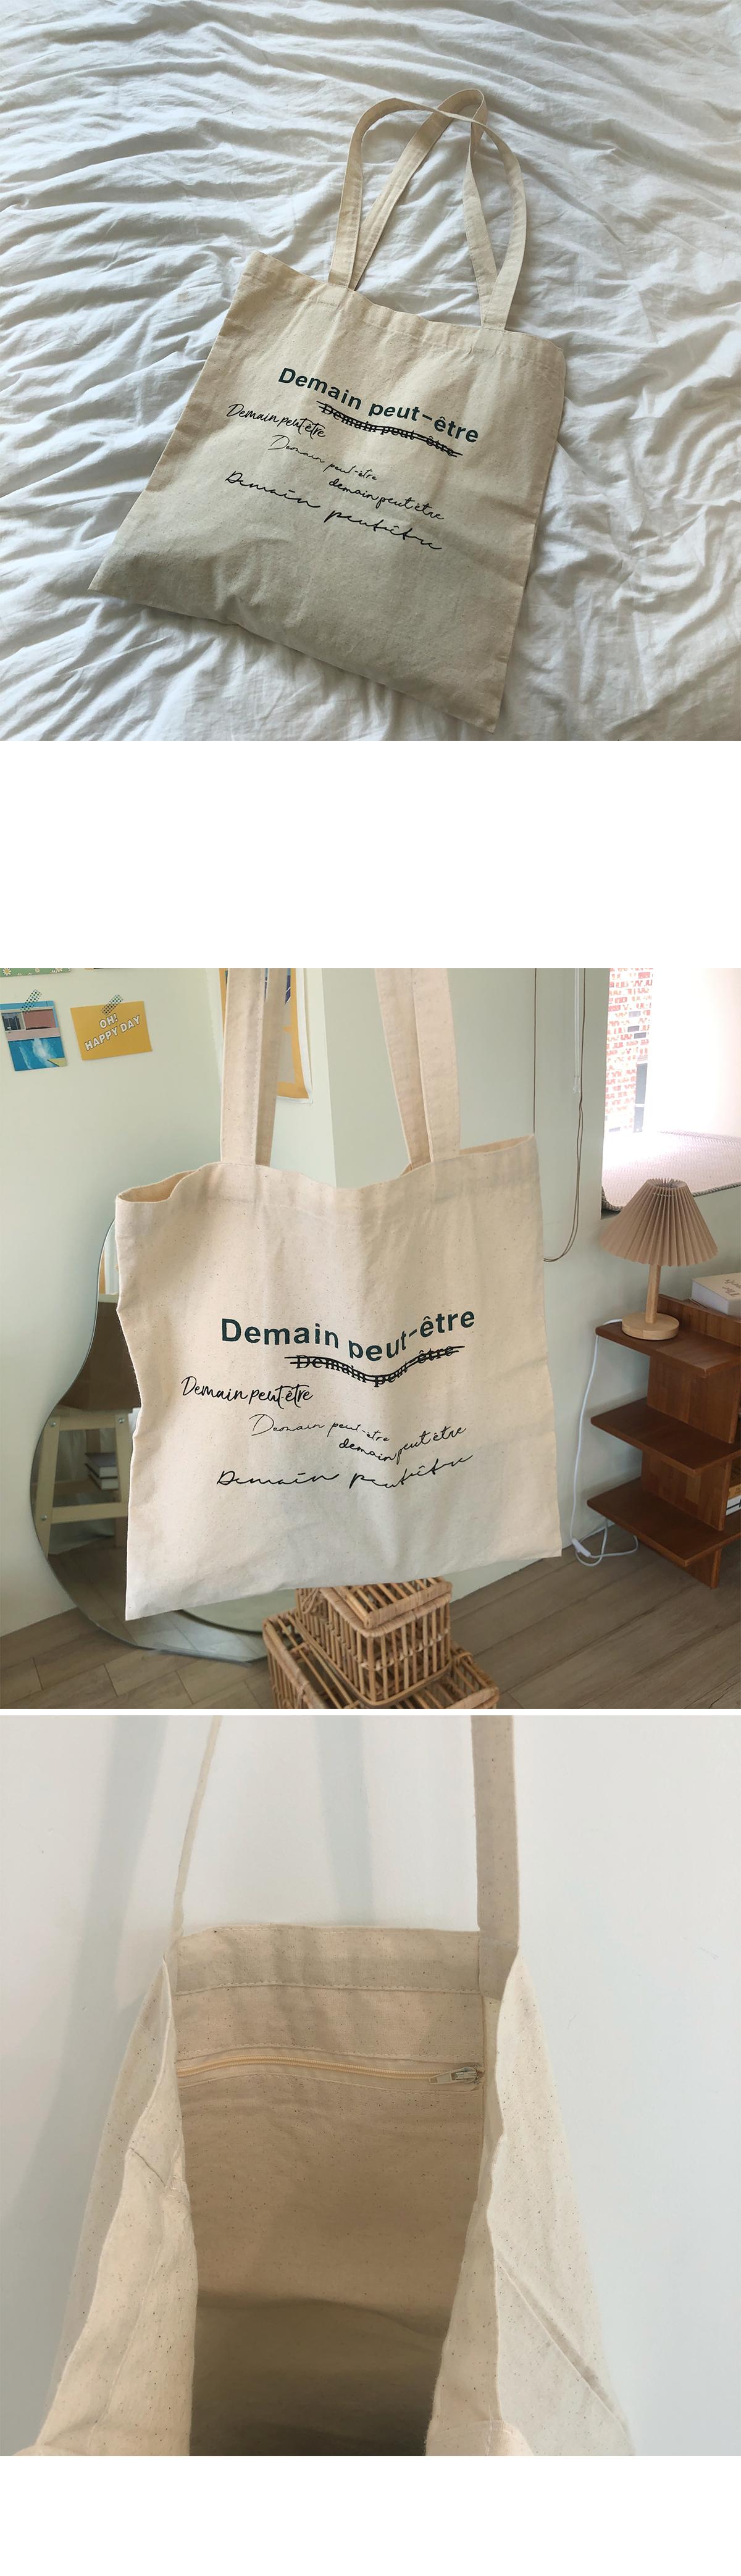 The May Eco Bag